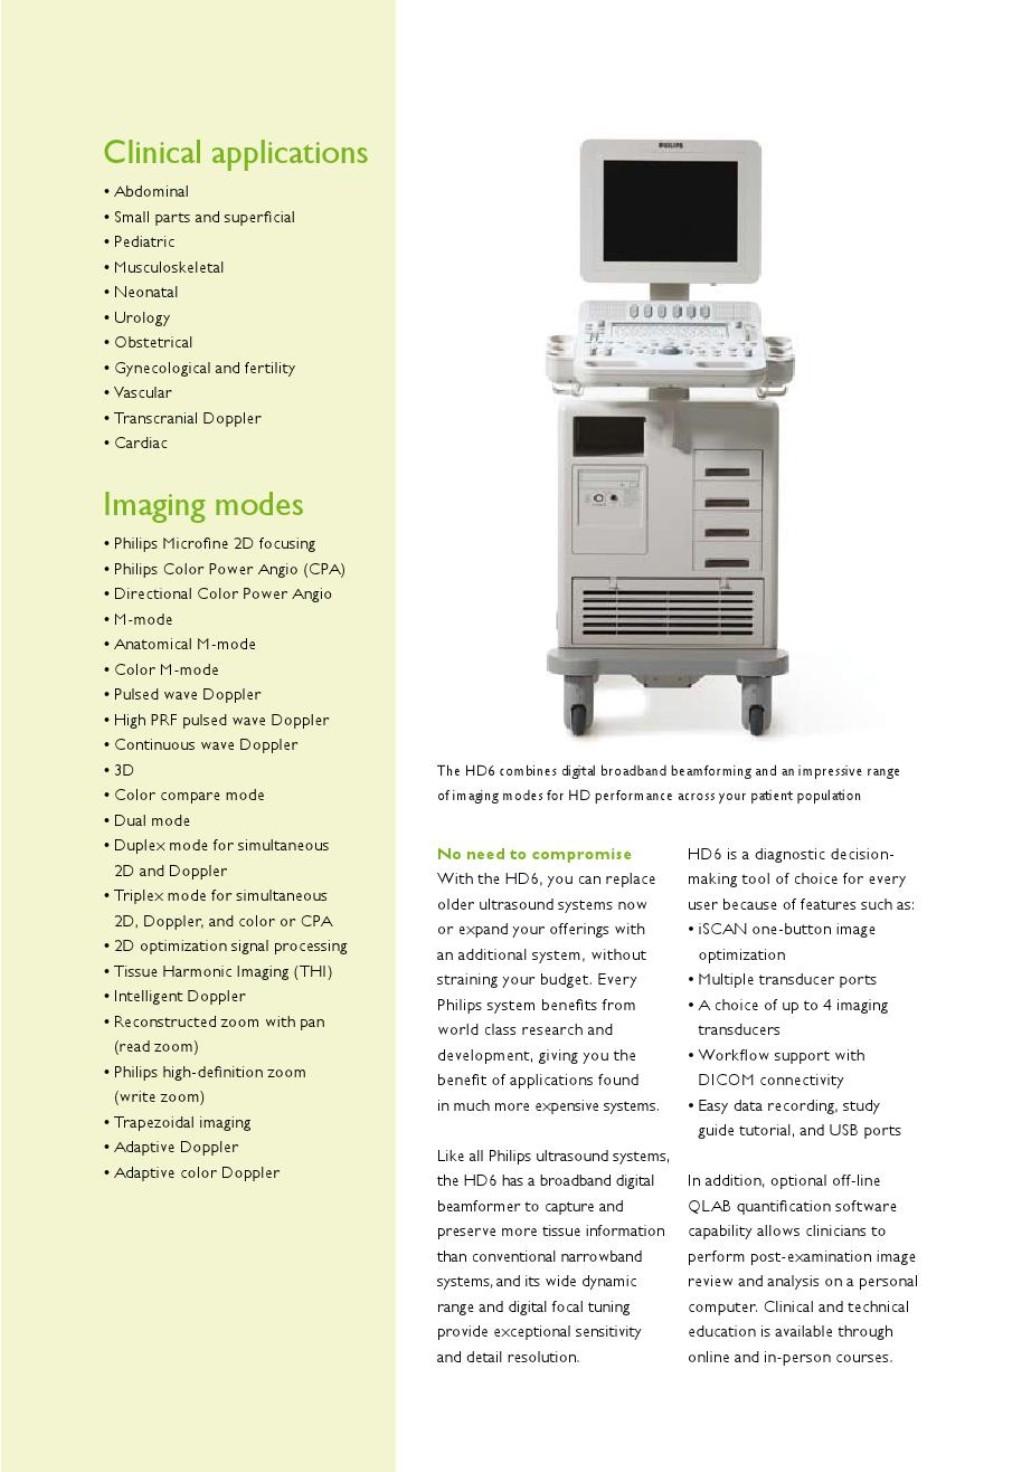 HD6 - Turimed Tıbbi Cihazlar,Philips Ultrason,Philips Hastabaşı